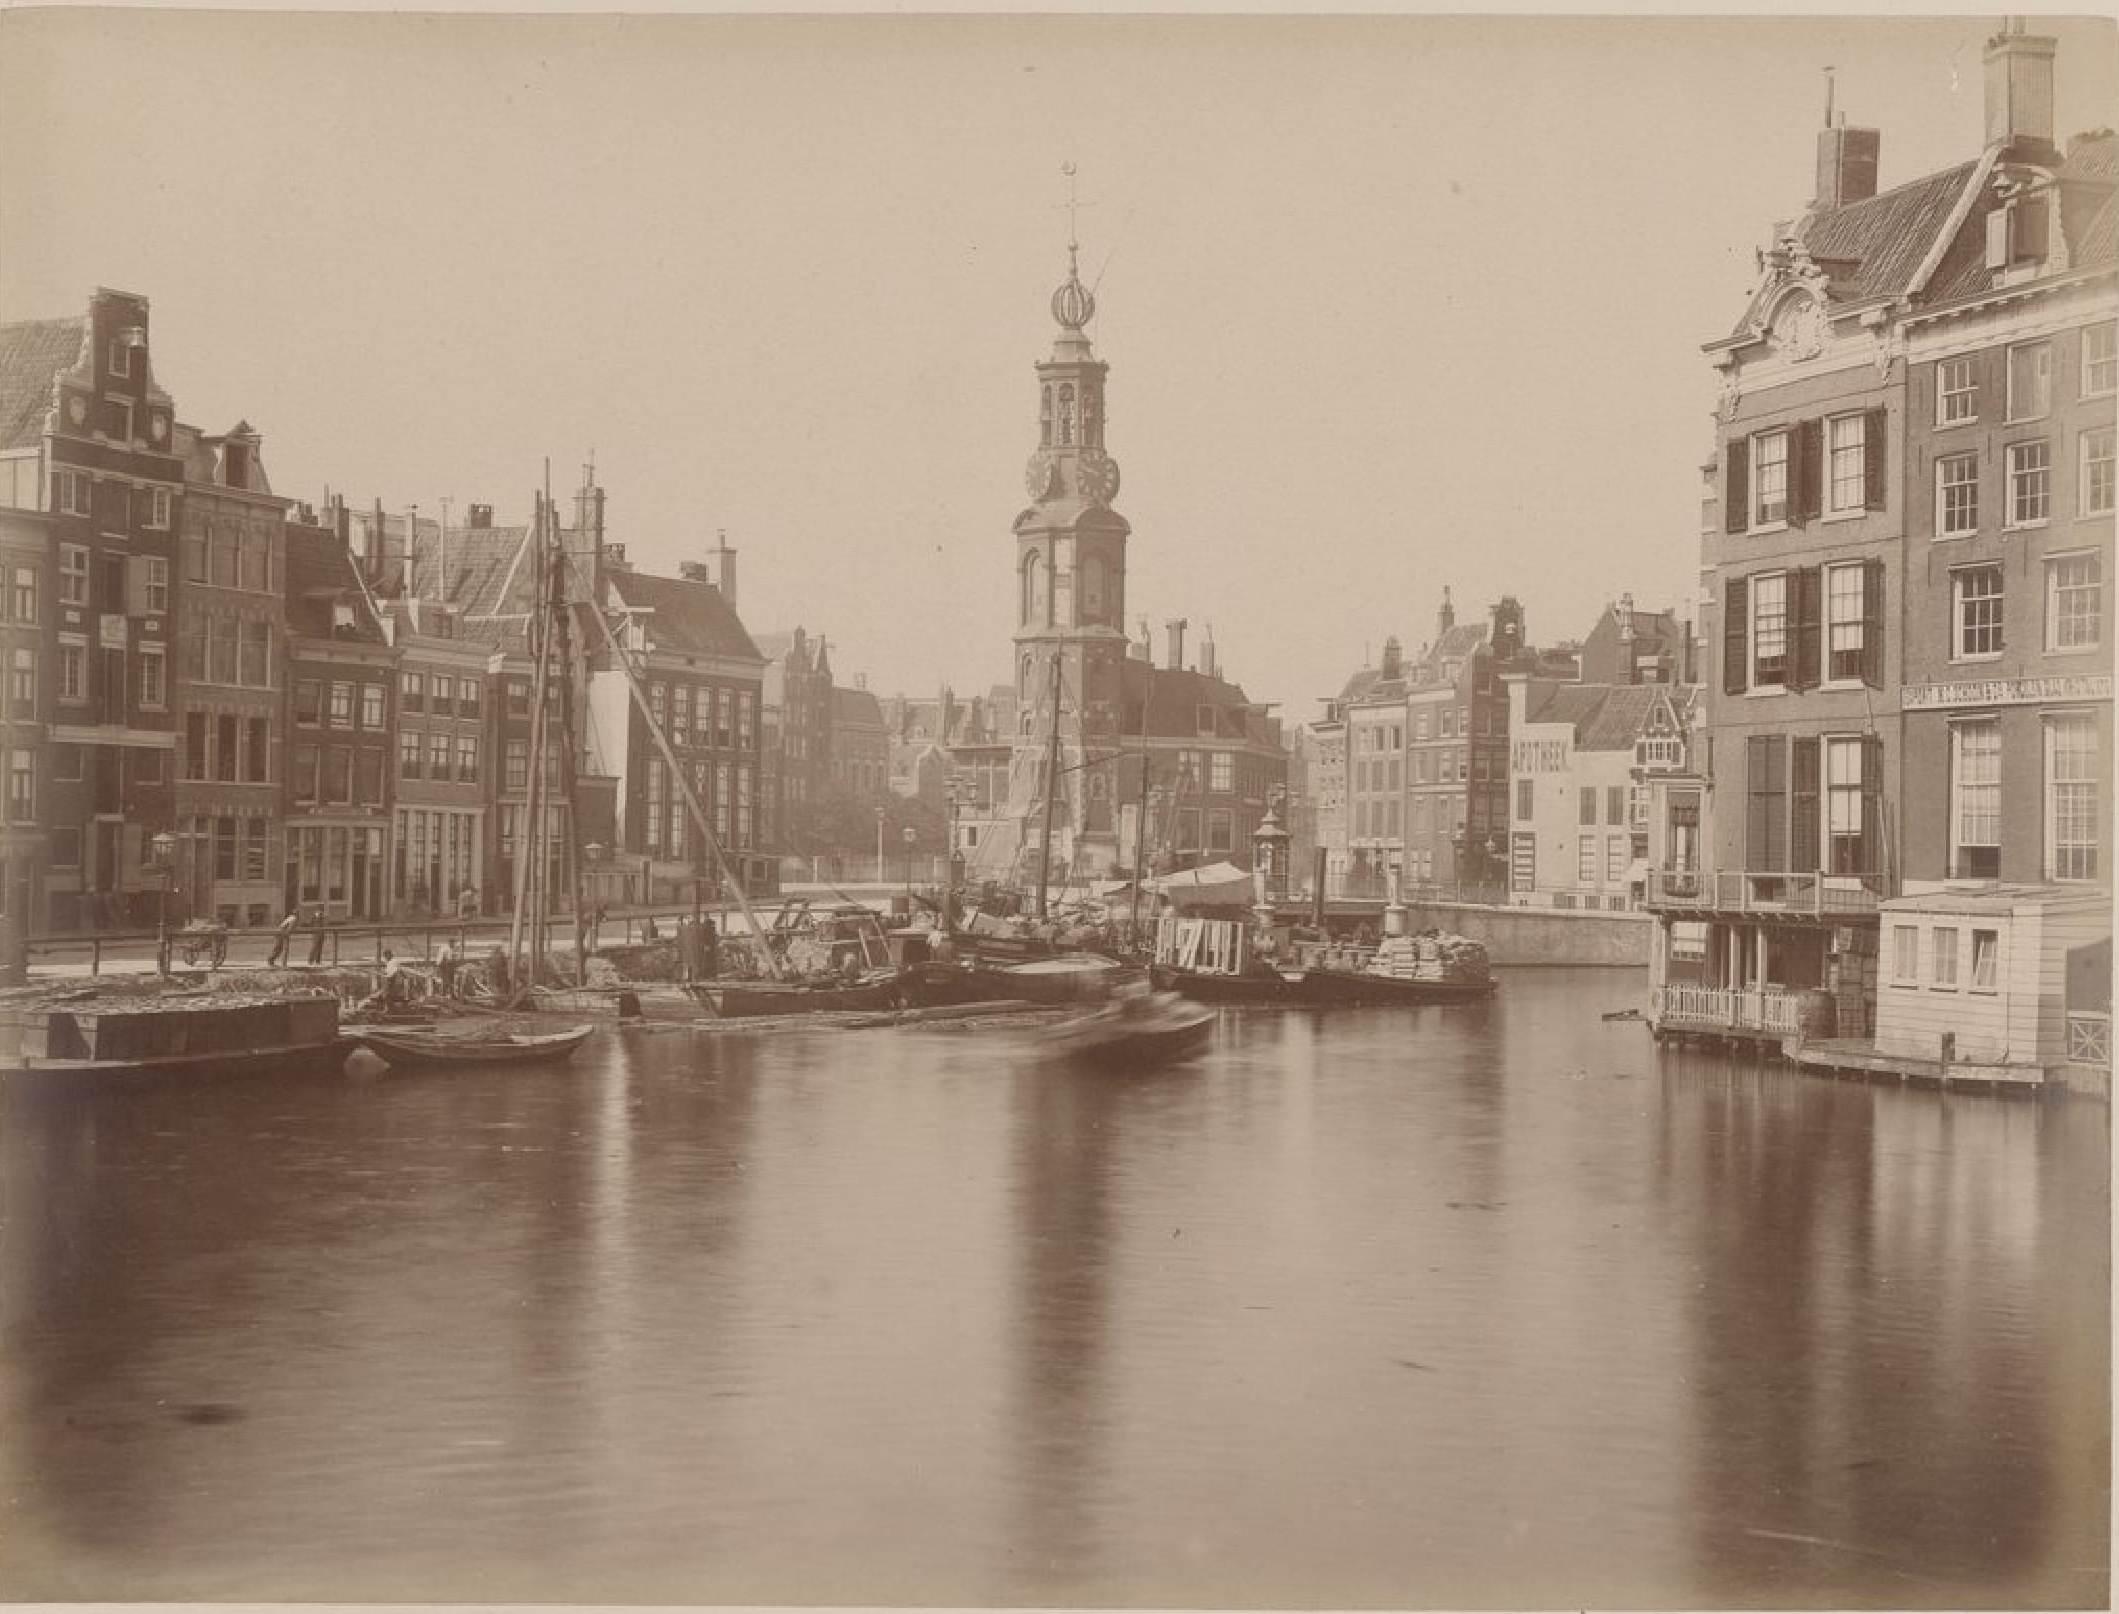 Амстердам. Монетная башня, 15 мая 1888